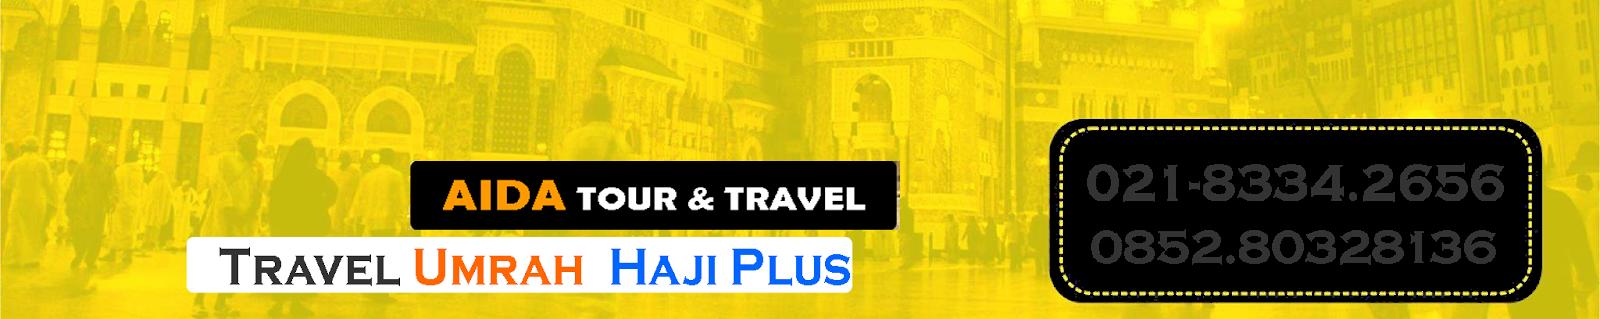 Biaya Daftar Paket Travel Umroh Murah Desember akhir tahun 2015